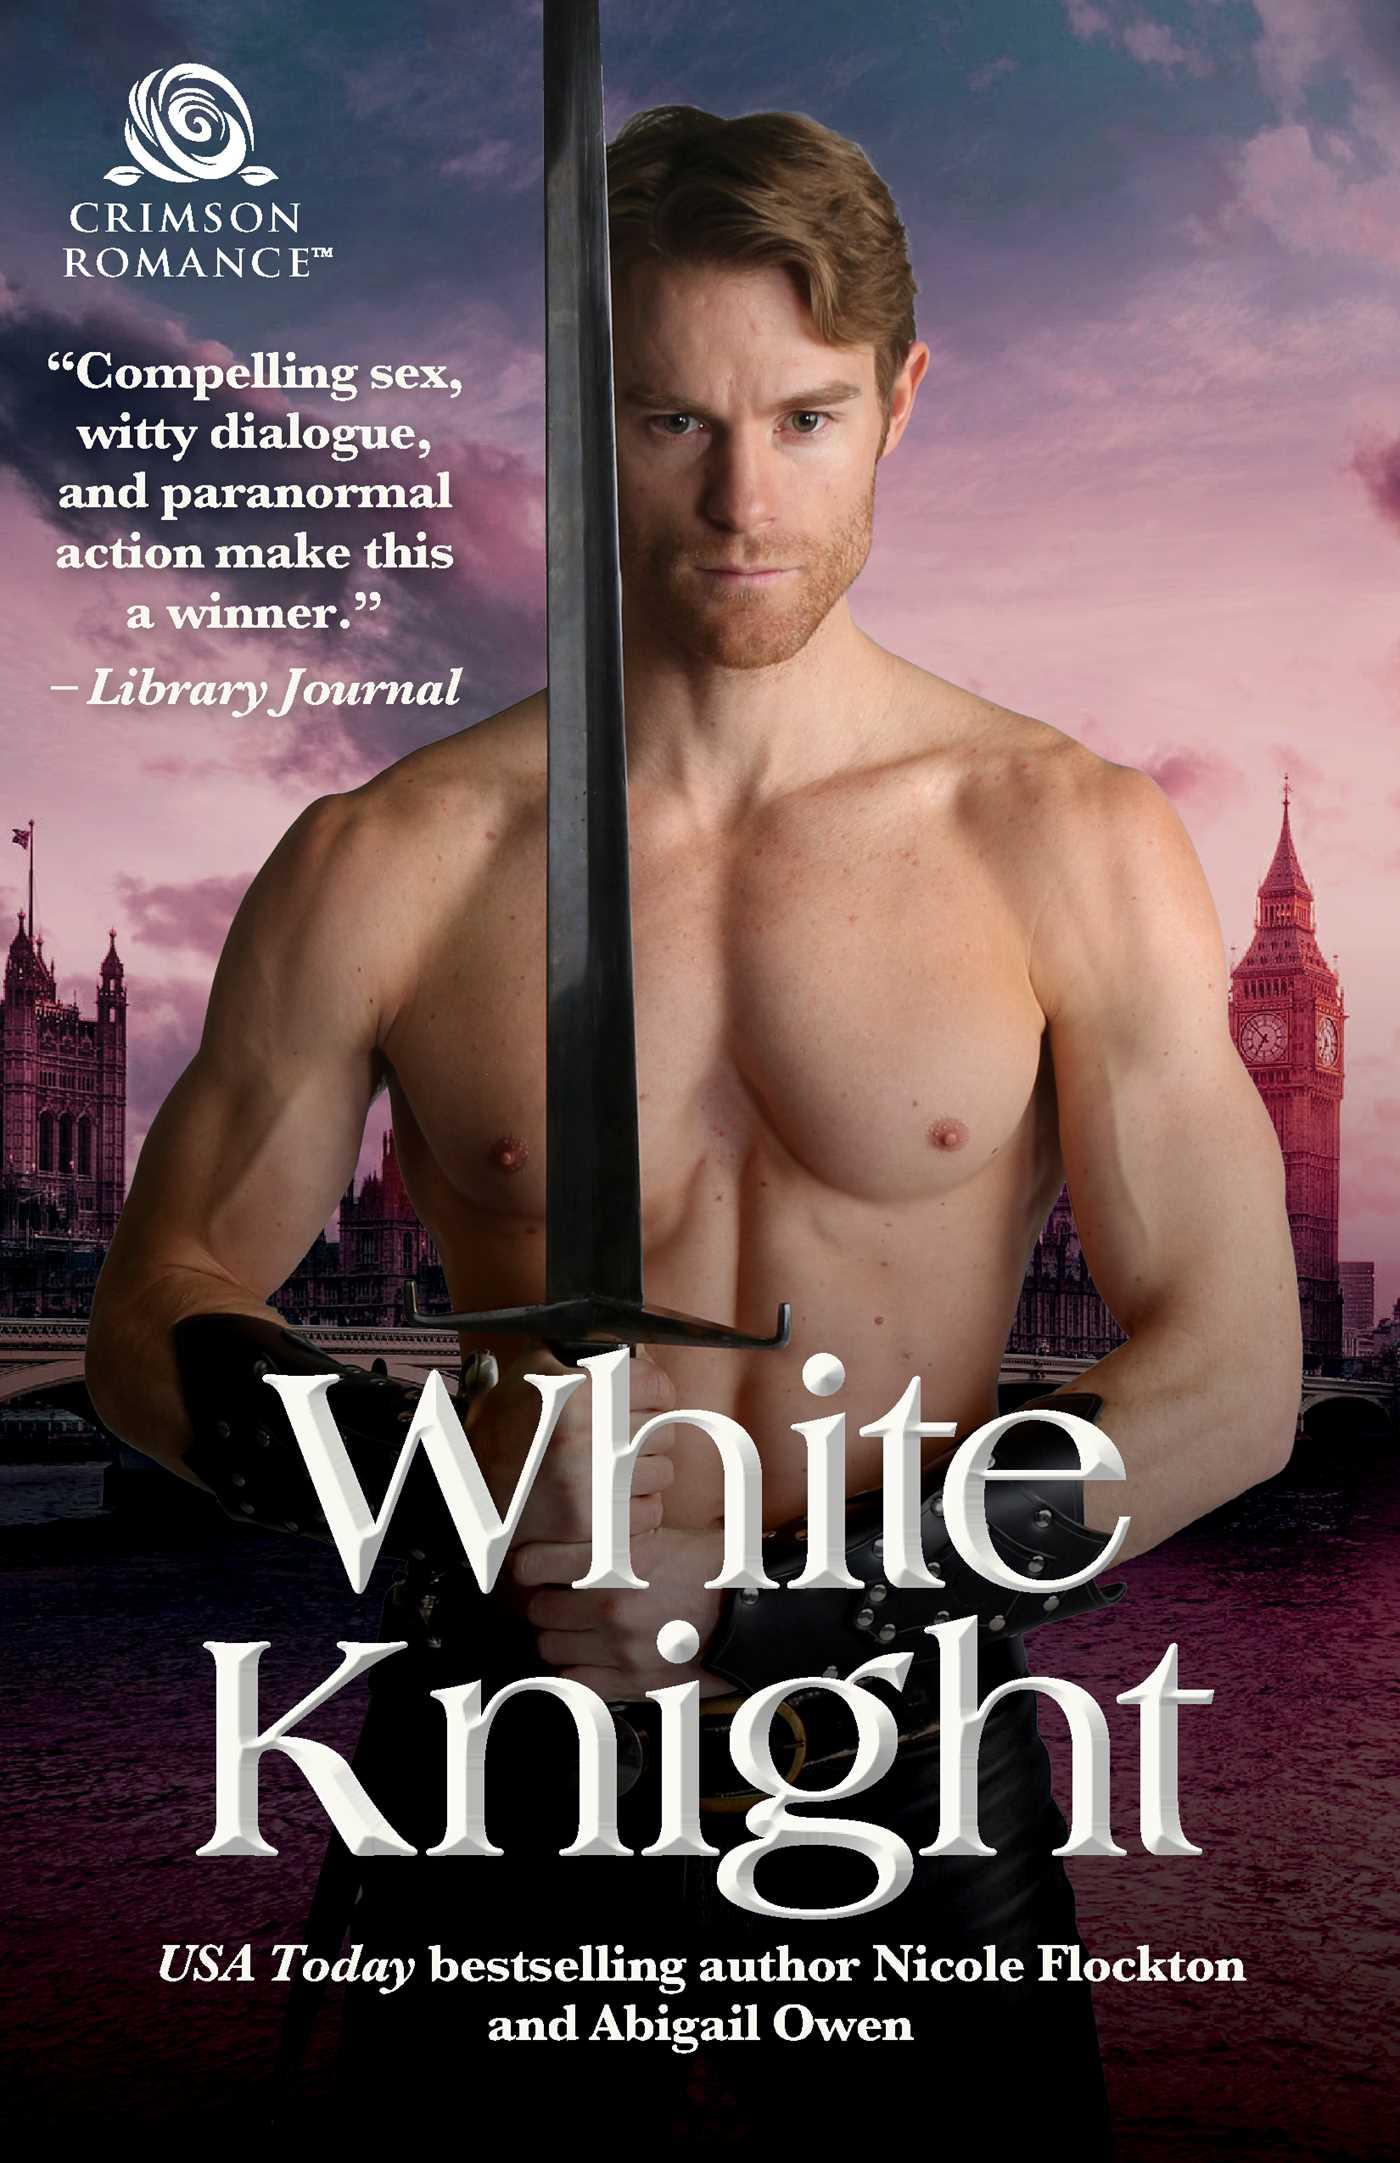 White knight 9781507207956 hr